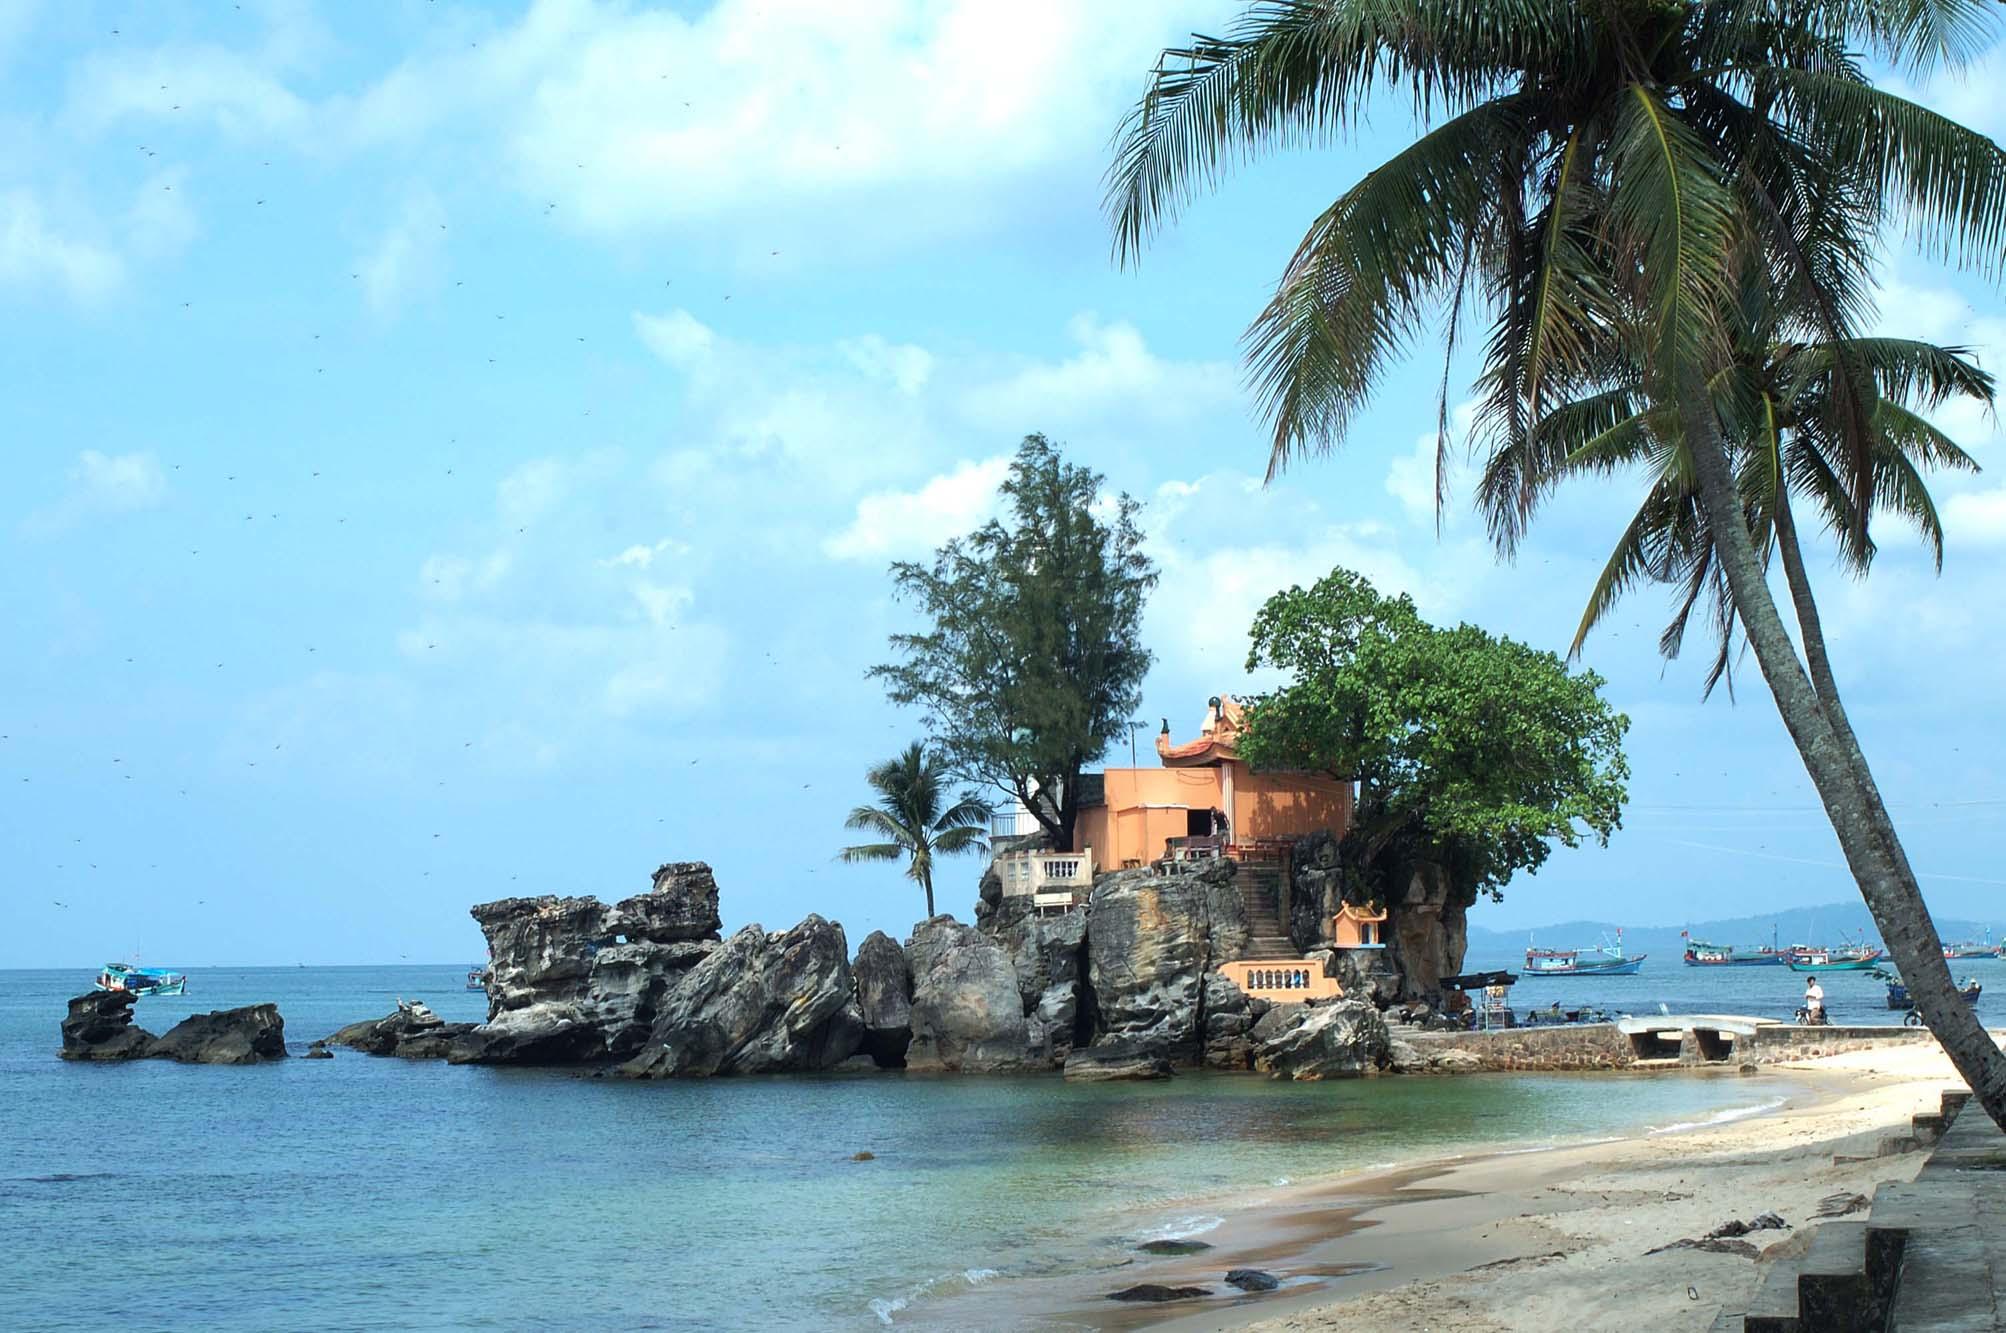 Hà Nội – Đảo Phú Quốc, 4 ngày/3 đêm, Ghép đoàn